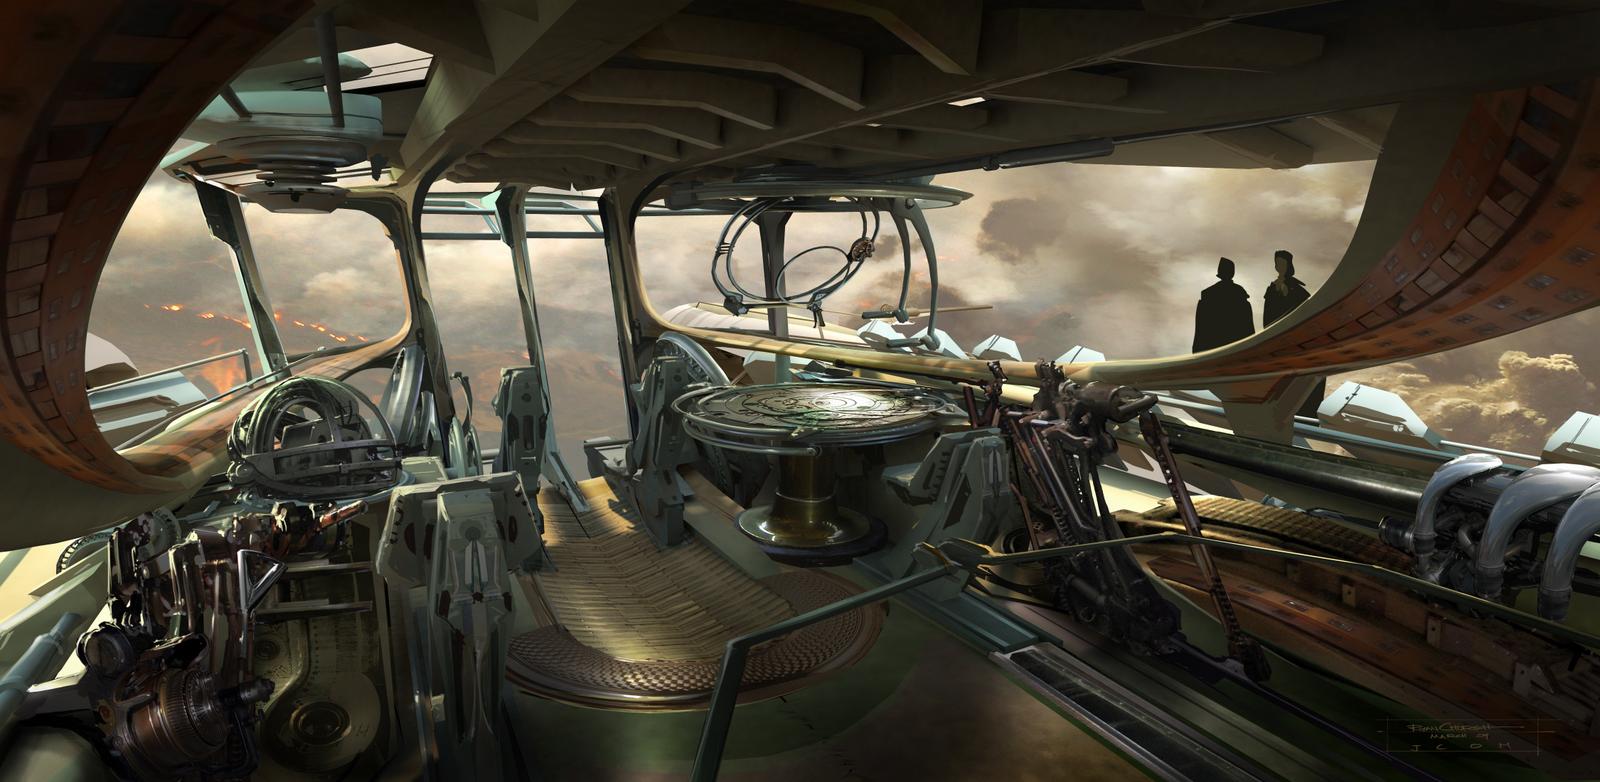 Inside_the_vessel.jpg